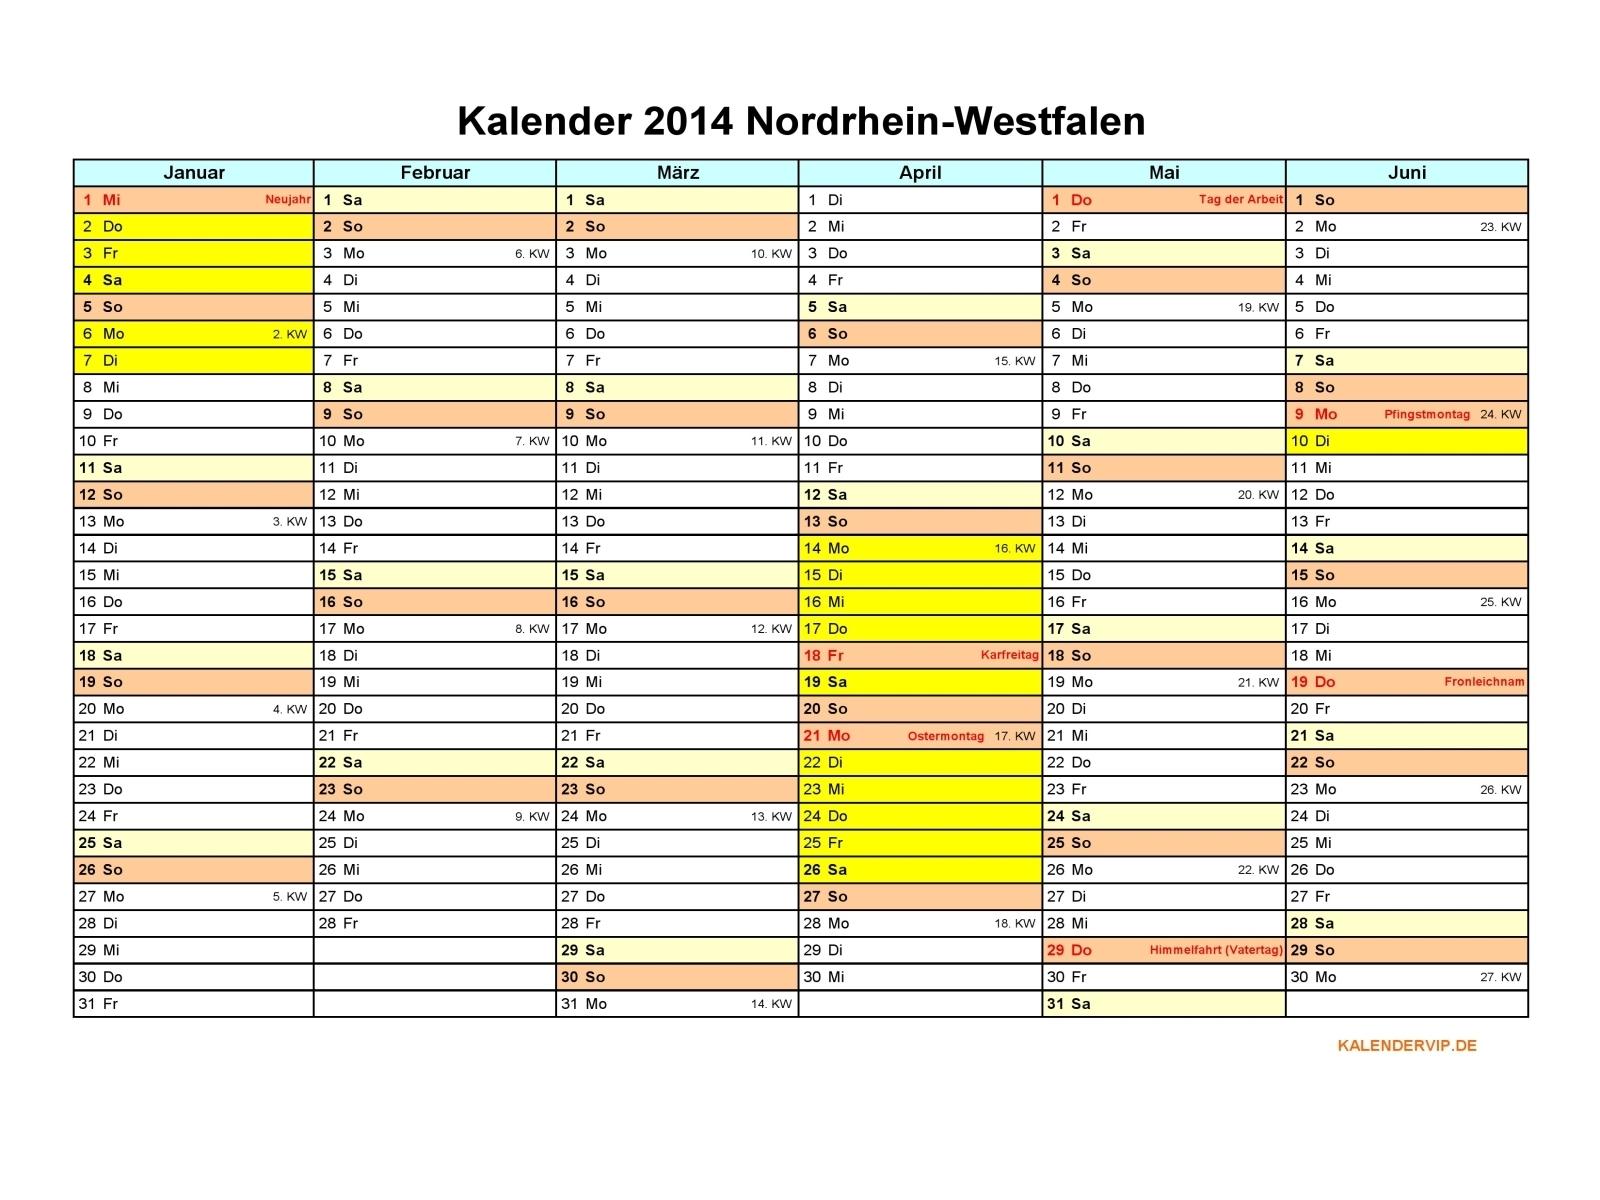 kalender 2017 pdf free download